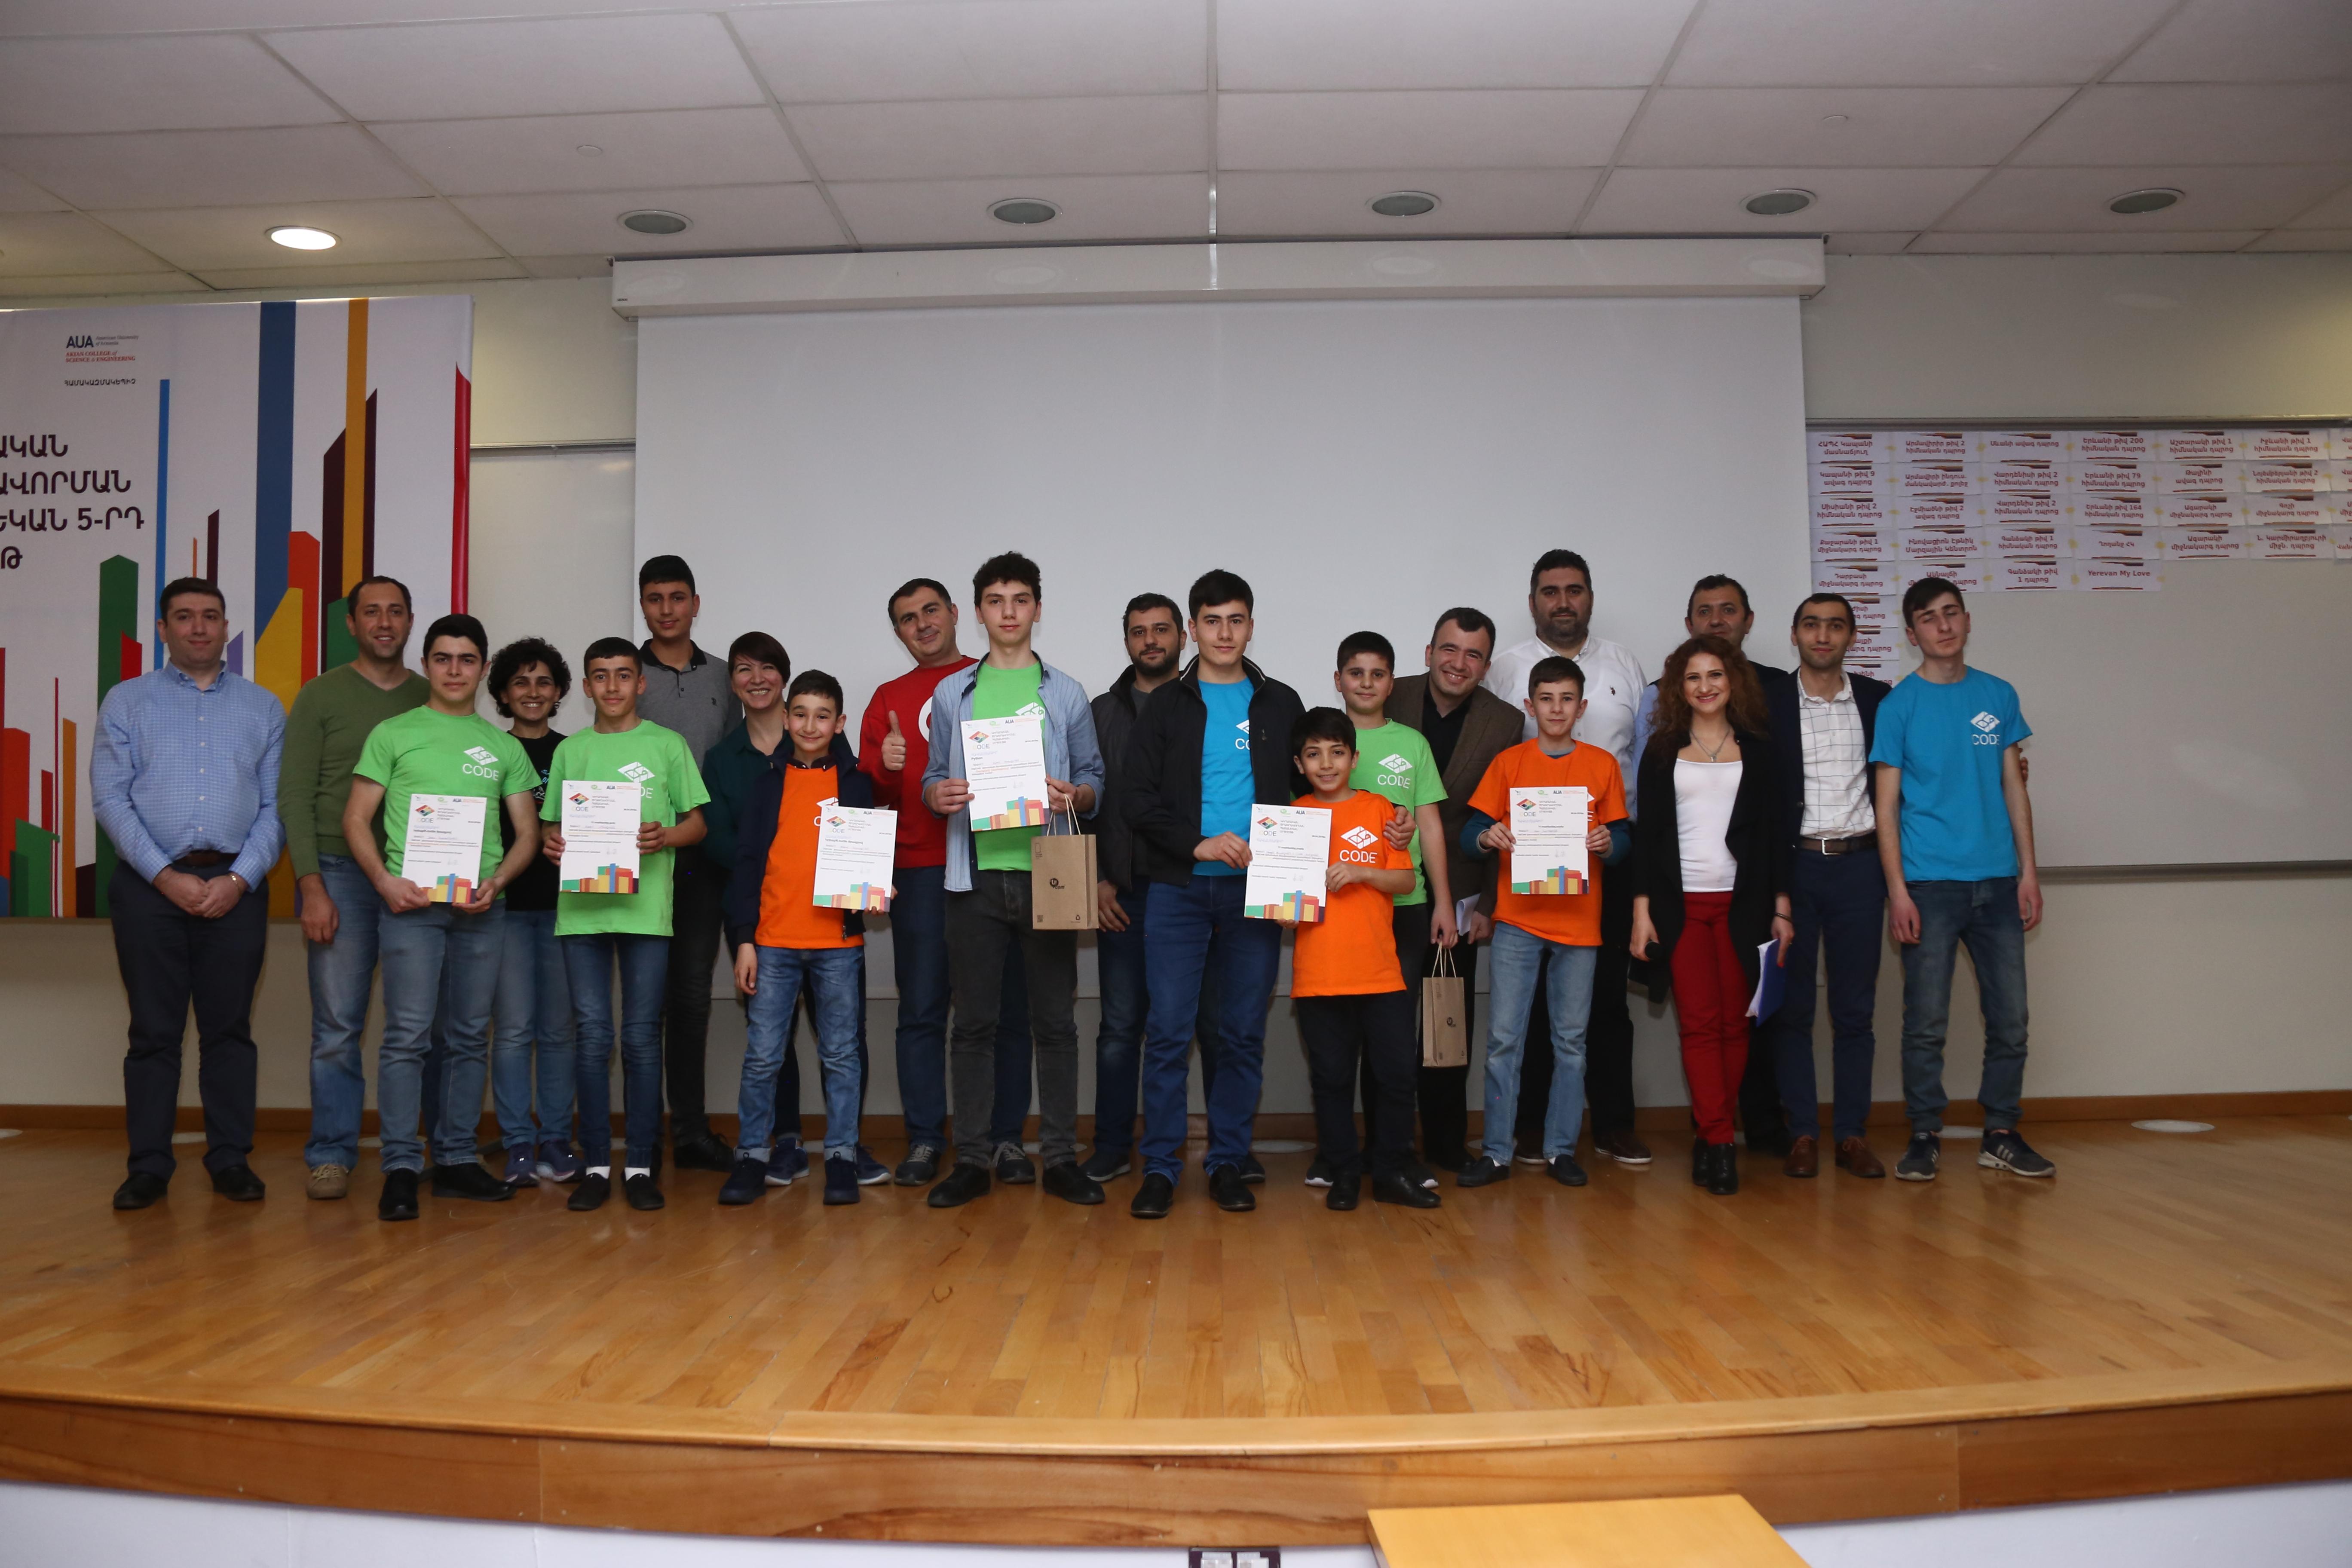 Ucom. Известны результаты конкурса программирования ДиджиКод среди юниоров